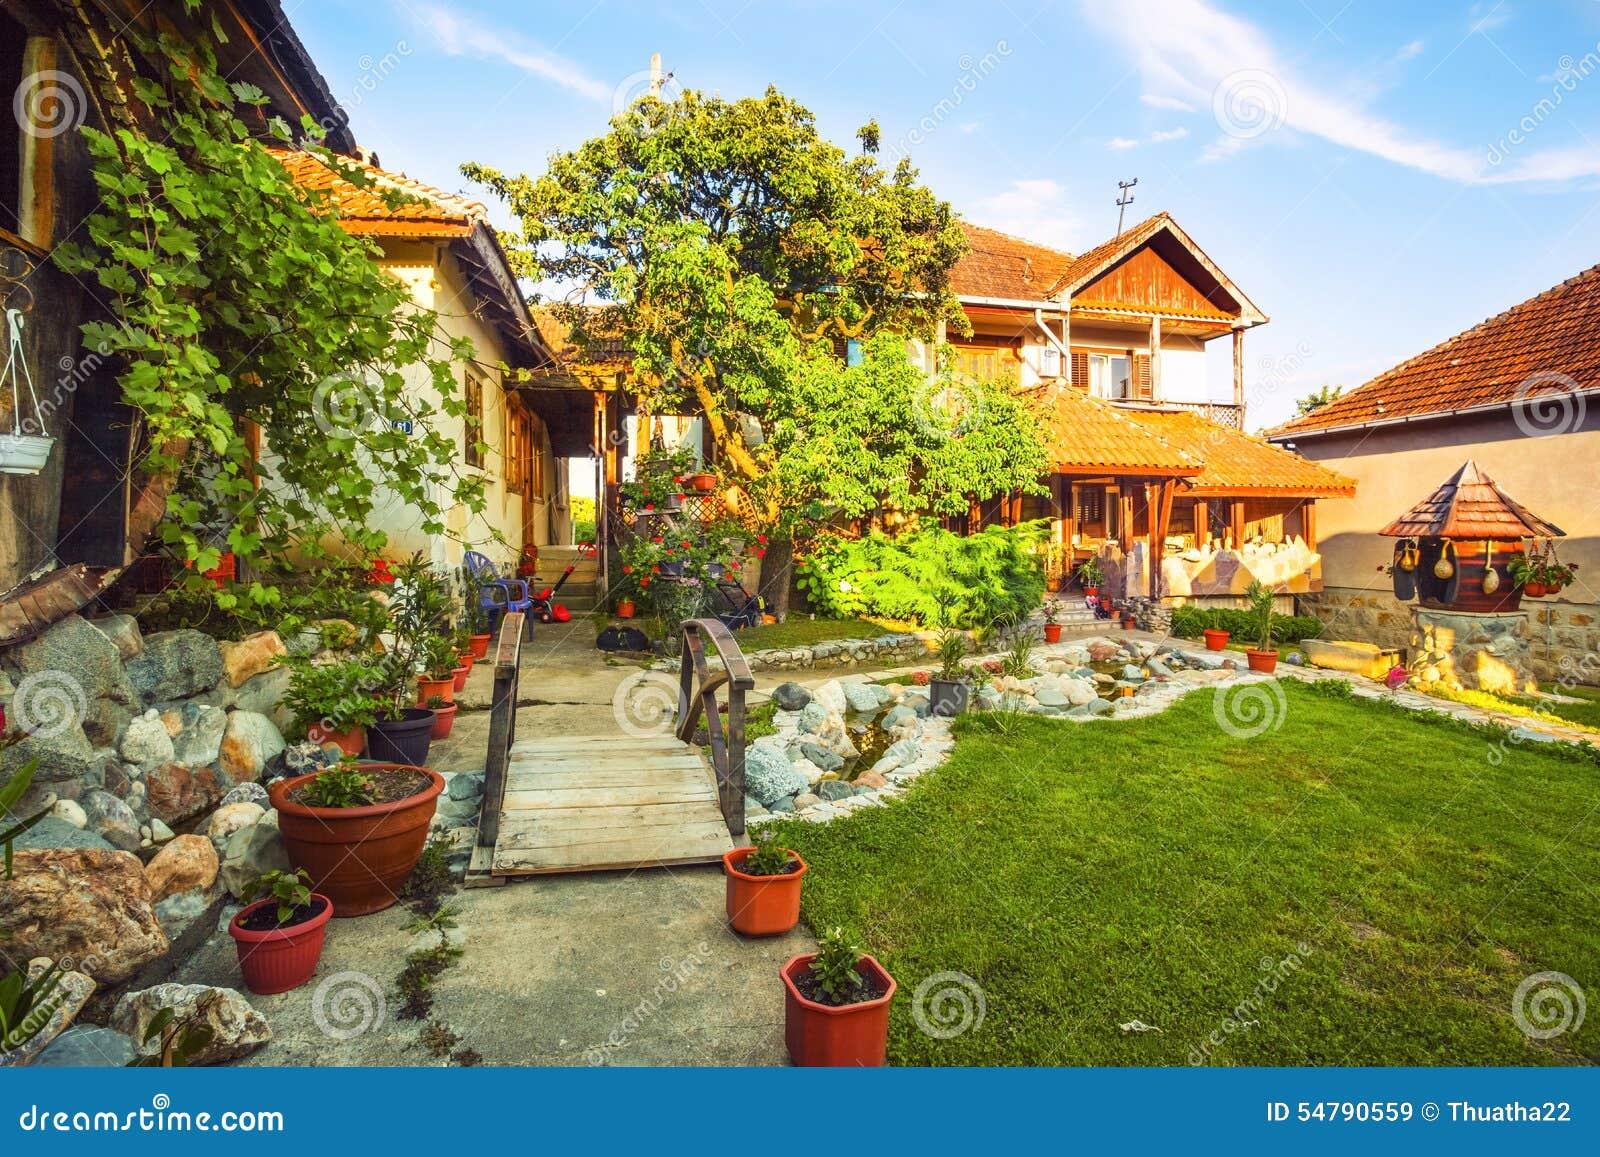 esterno del prato inglese e della casa di campagna